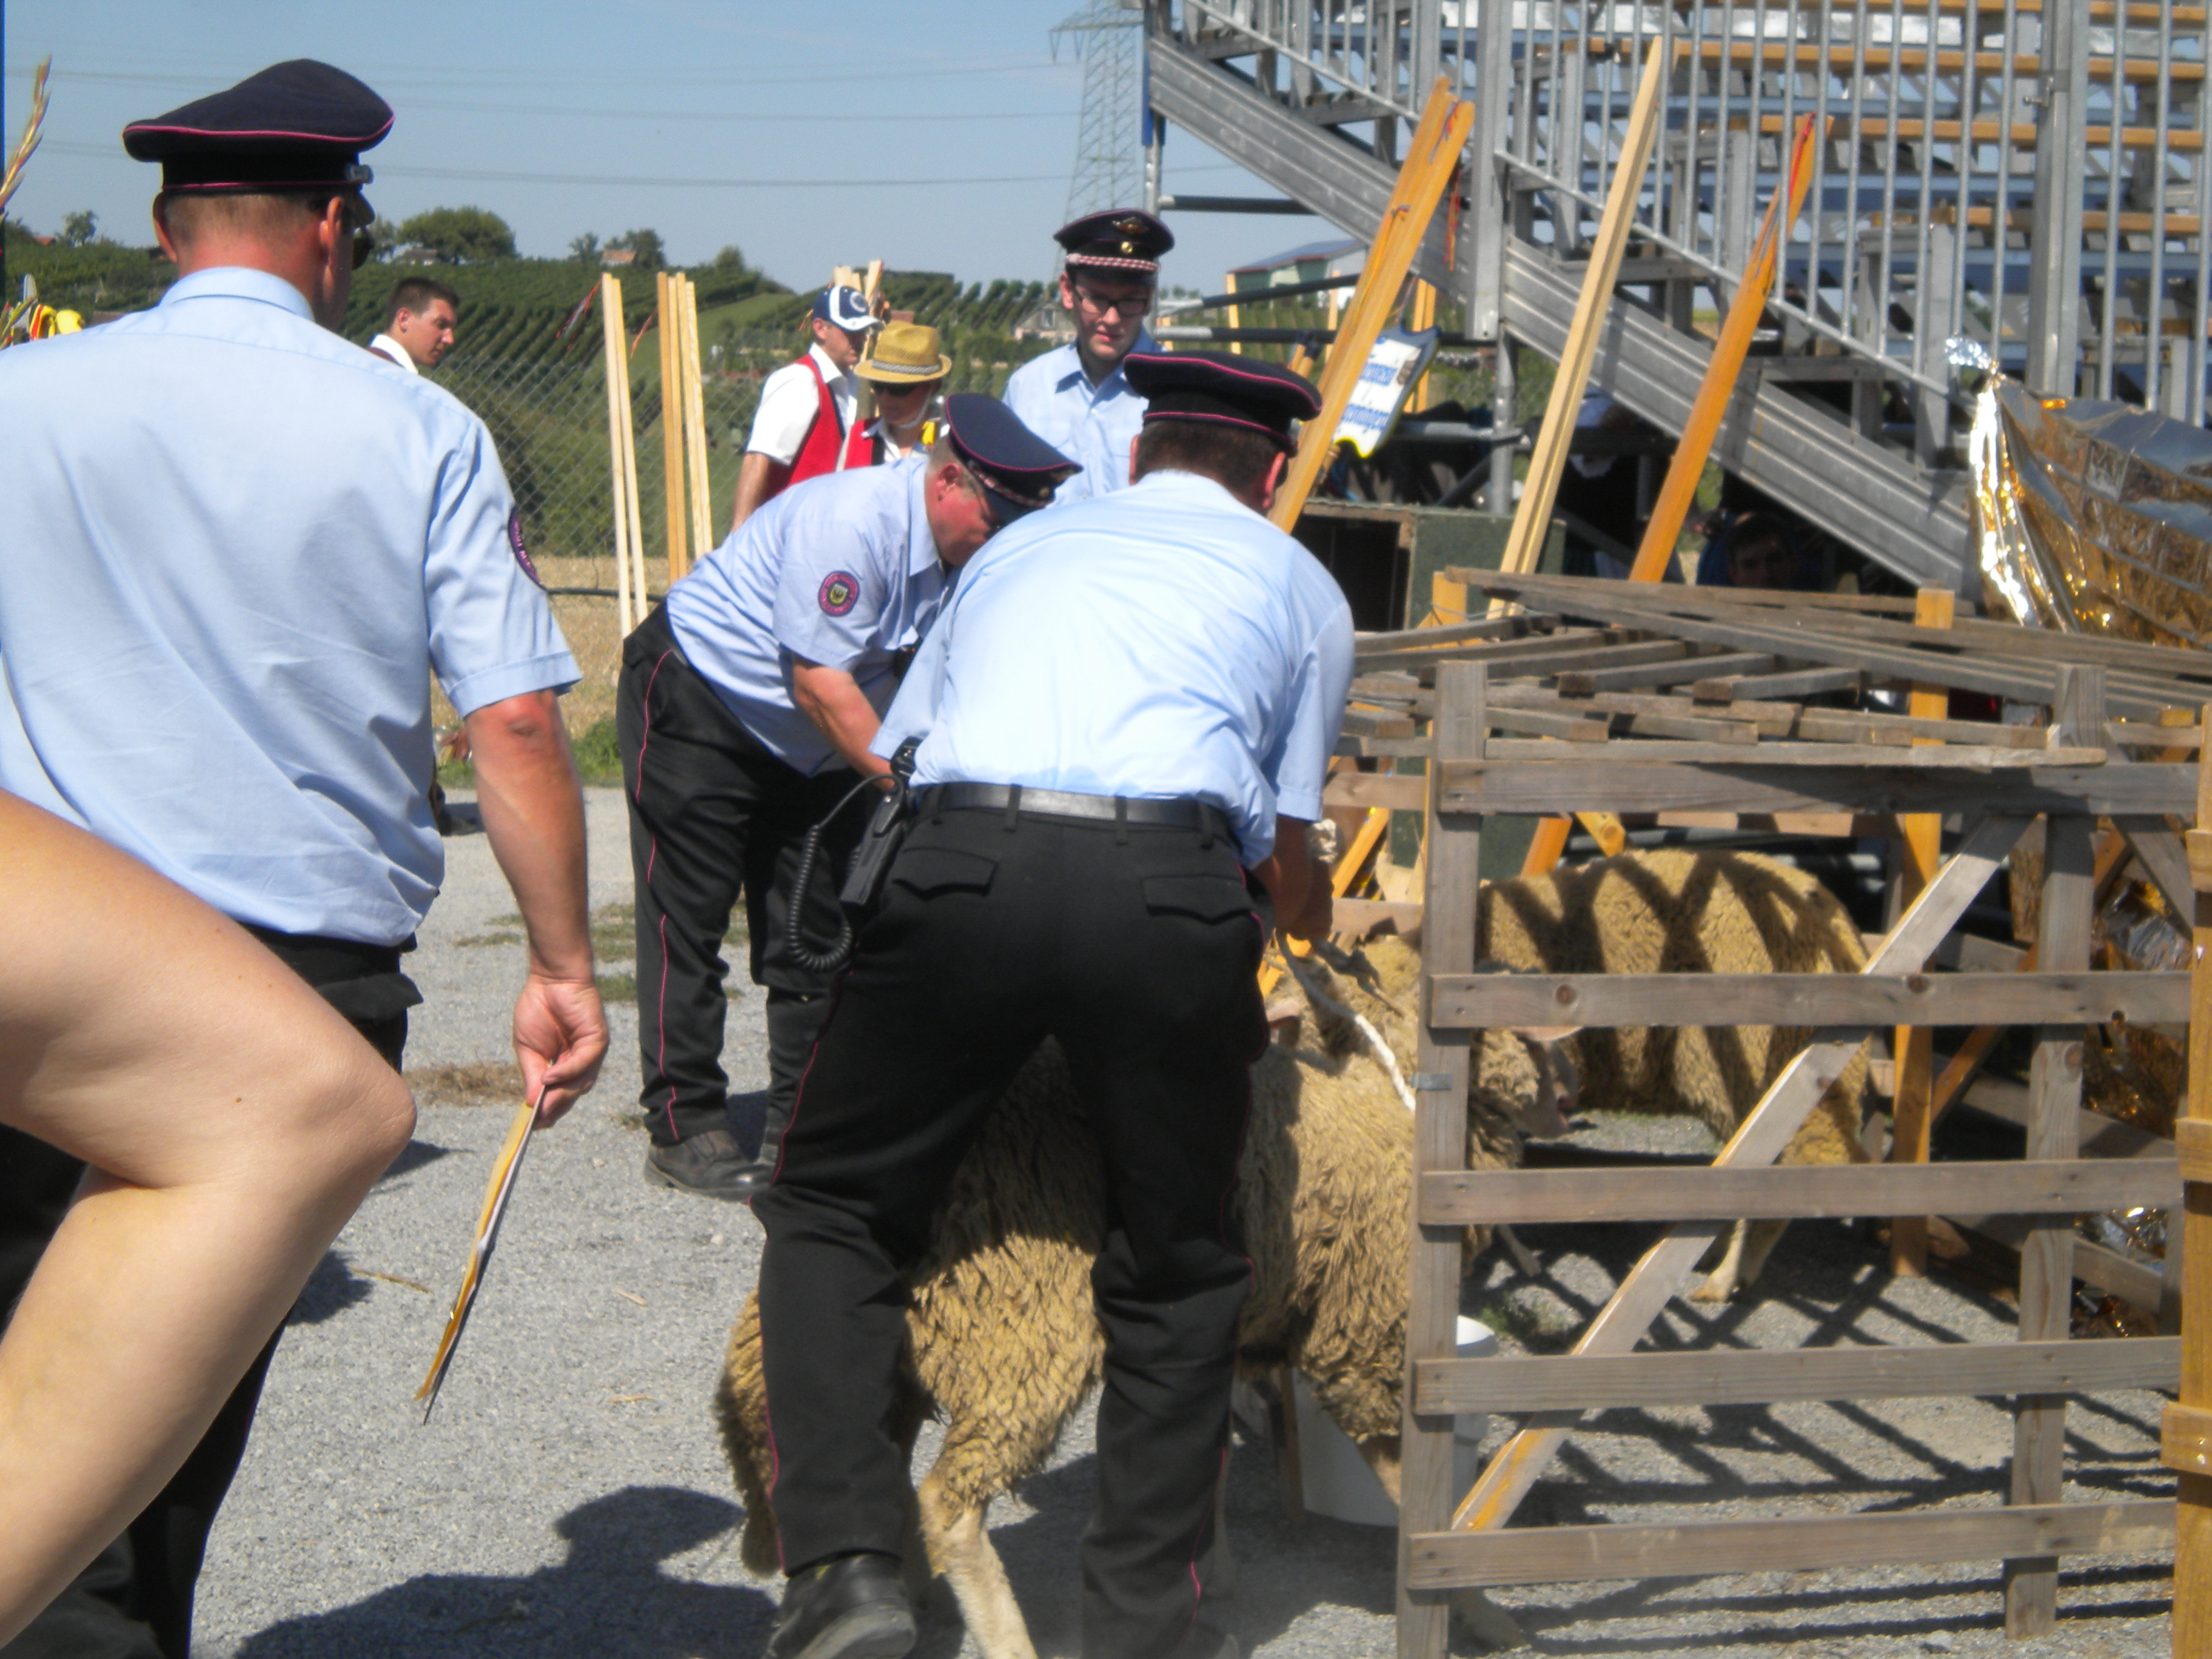 Feuerwehr Schafe